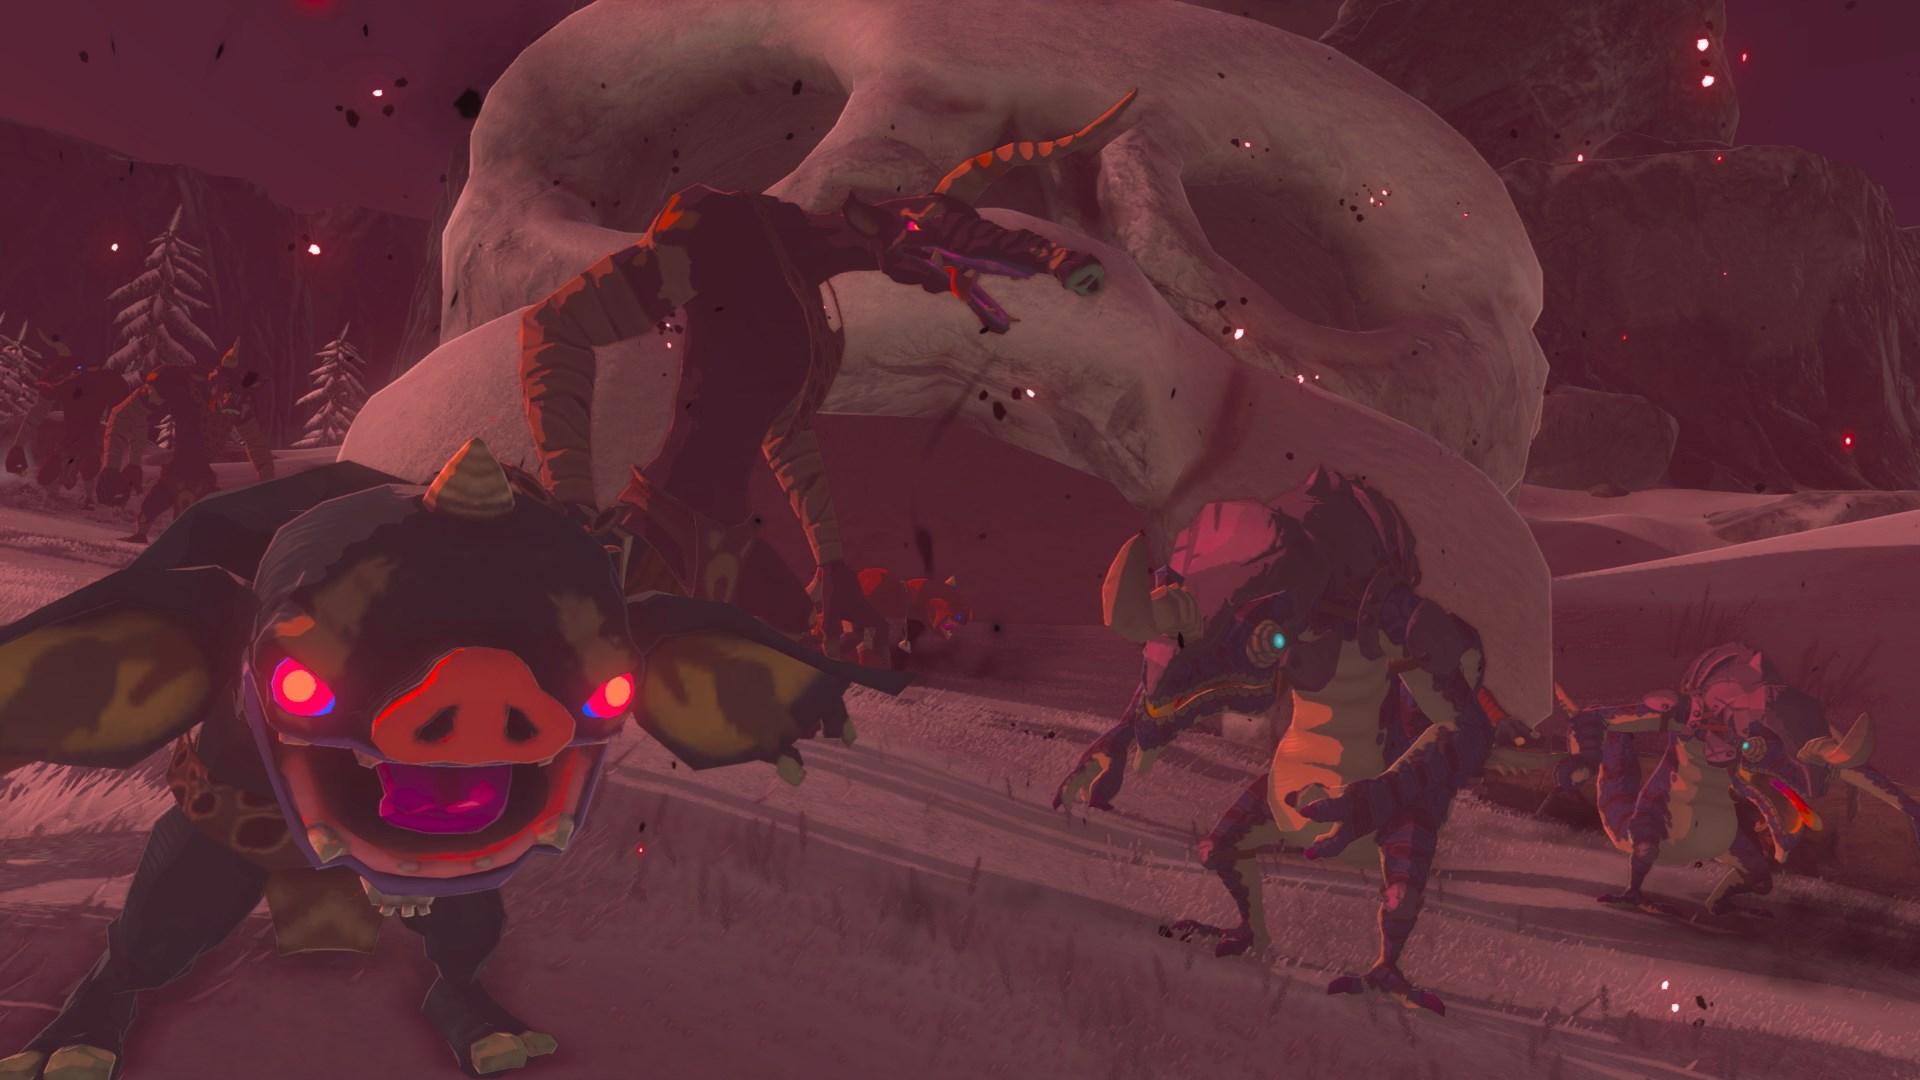 zelda-breath-of-the-wild-enemies